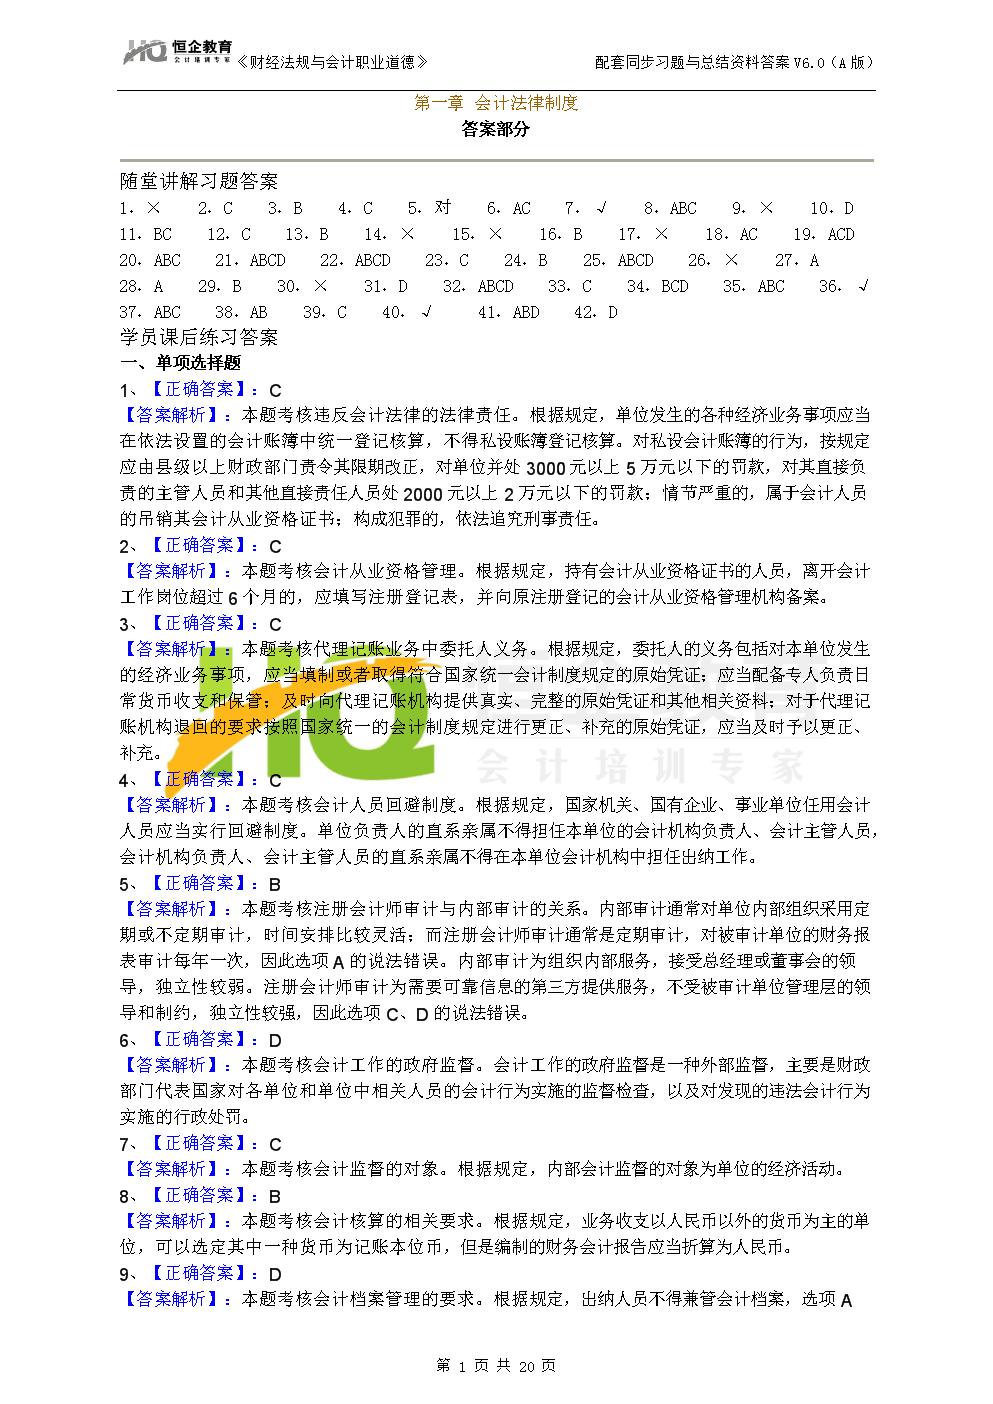 恒企法规同步习题答案V6.0A版.doc